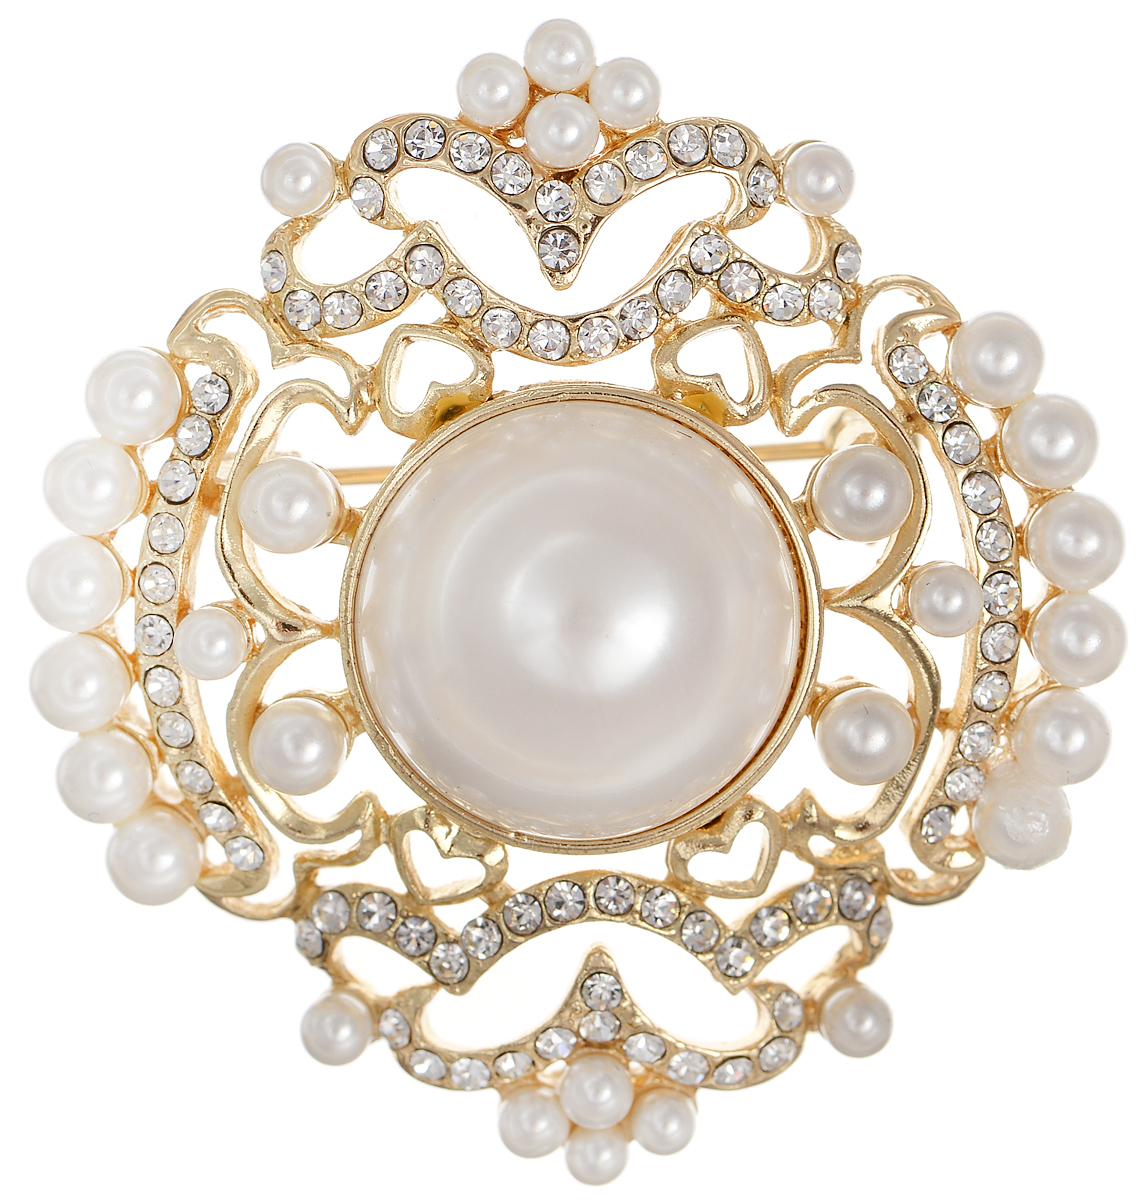 Брошь Selena Street Fashion, цвет: золотистый, белый. 3002697030026970Роскошная брошь Selena Street Fashion изготовлена из латуни с золотистым покрытием. Брошь оформлена кристаллами Preciosa и вставками из искусственного жемчуга. Изделие крепится с помощью замка-булавки. Такая брошь позволит вам с легкостью воплотить самую смелую фантазию и создать собственный неповторимый образ.